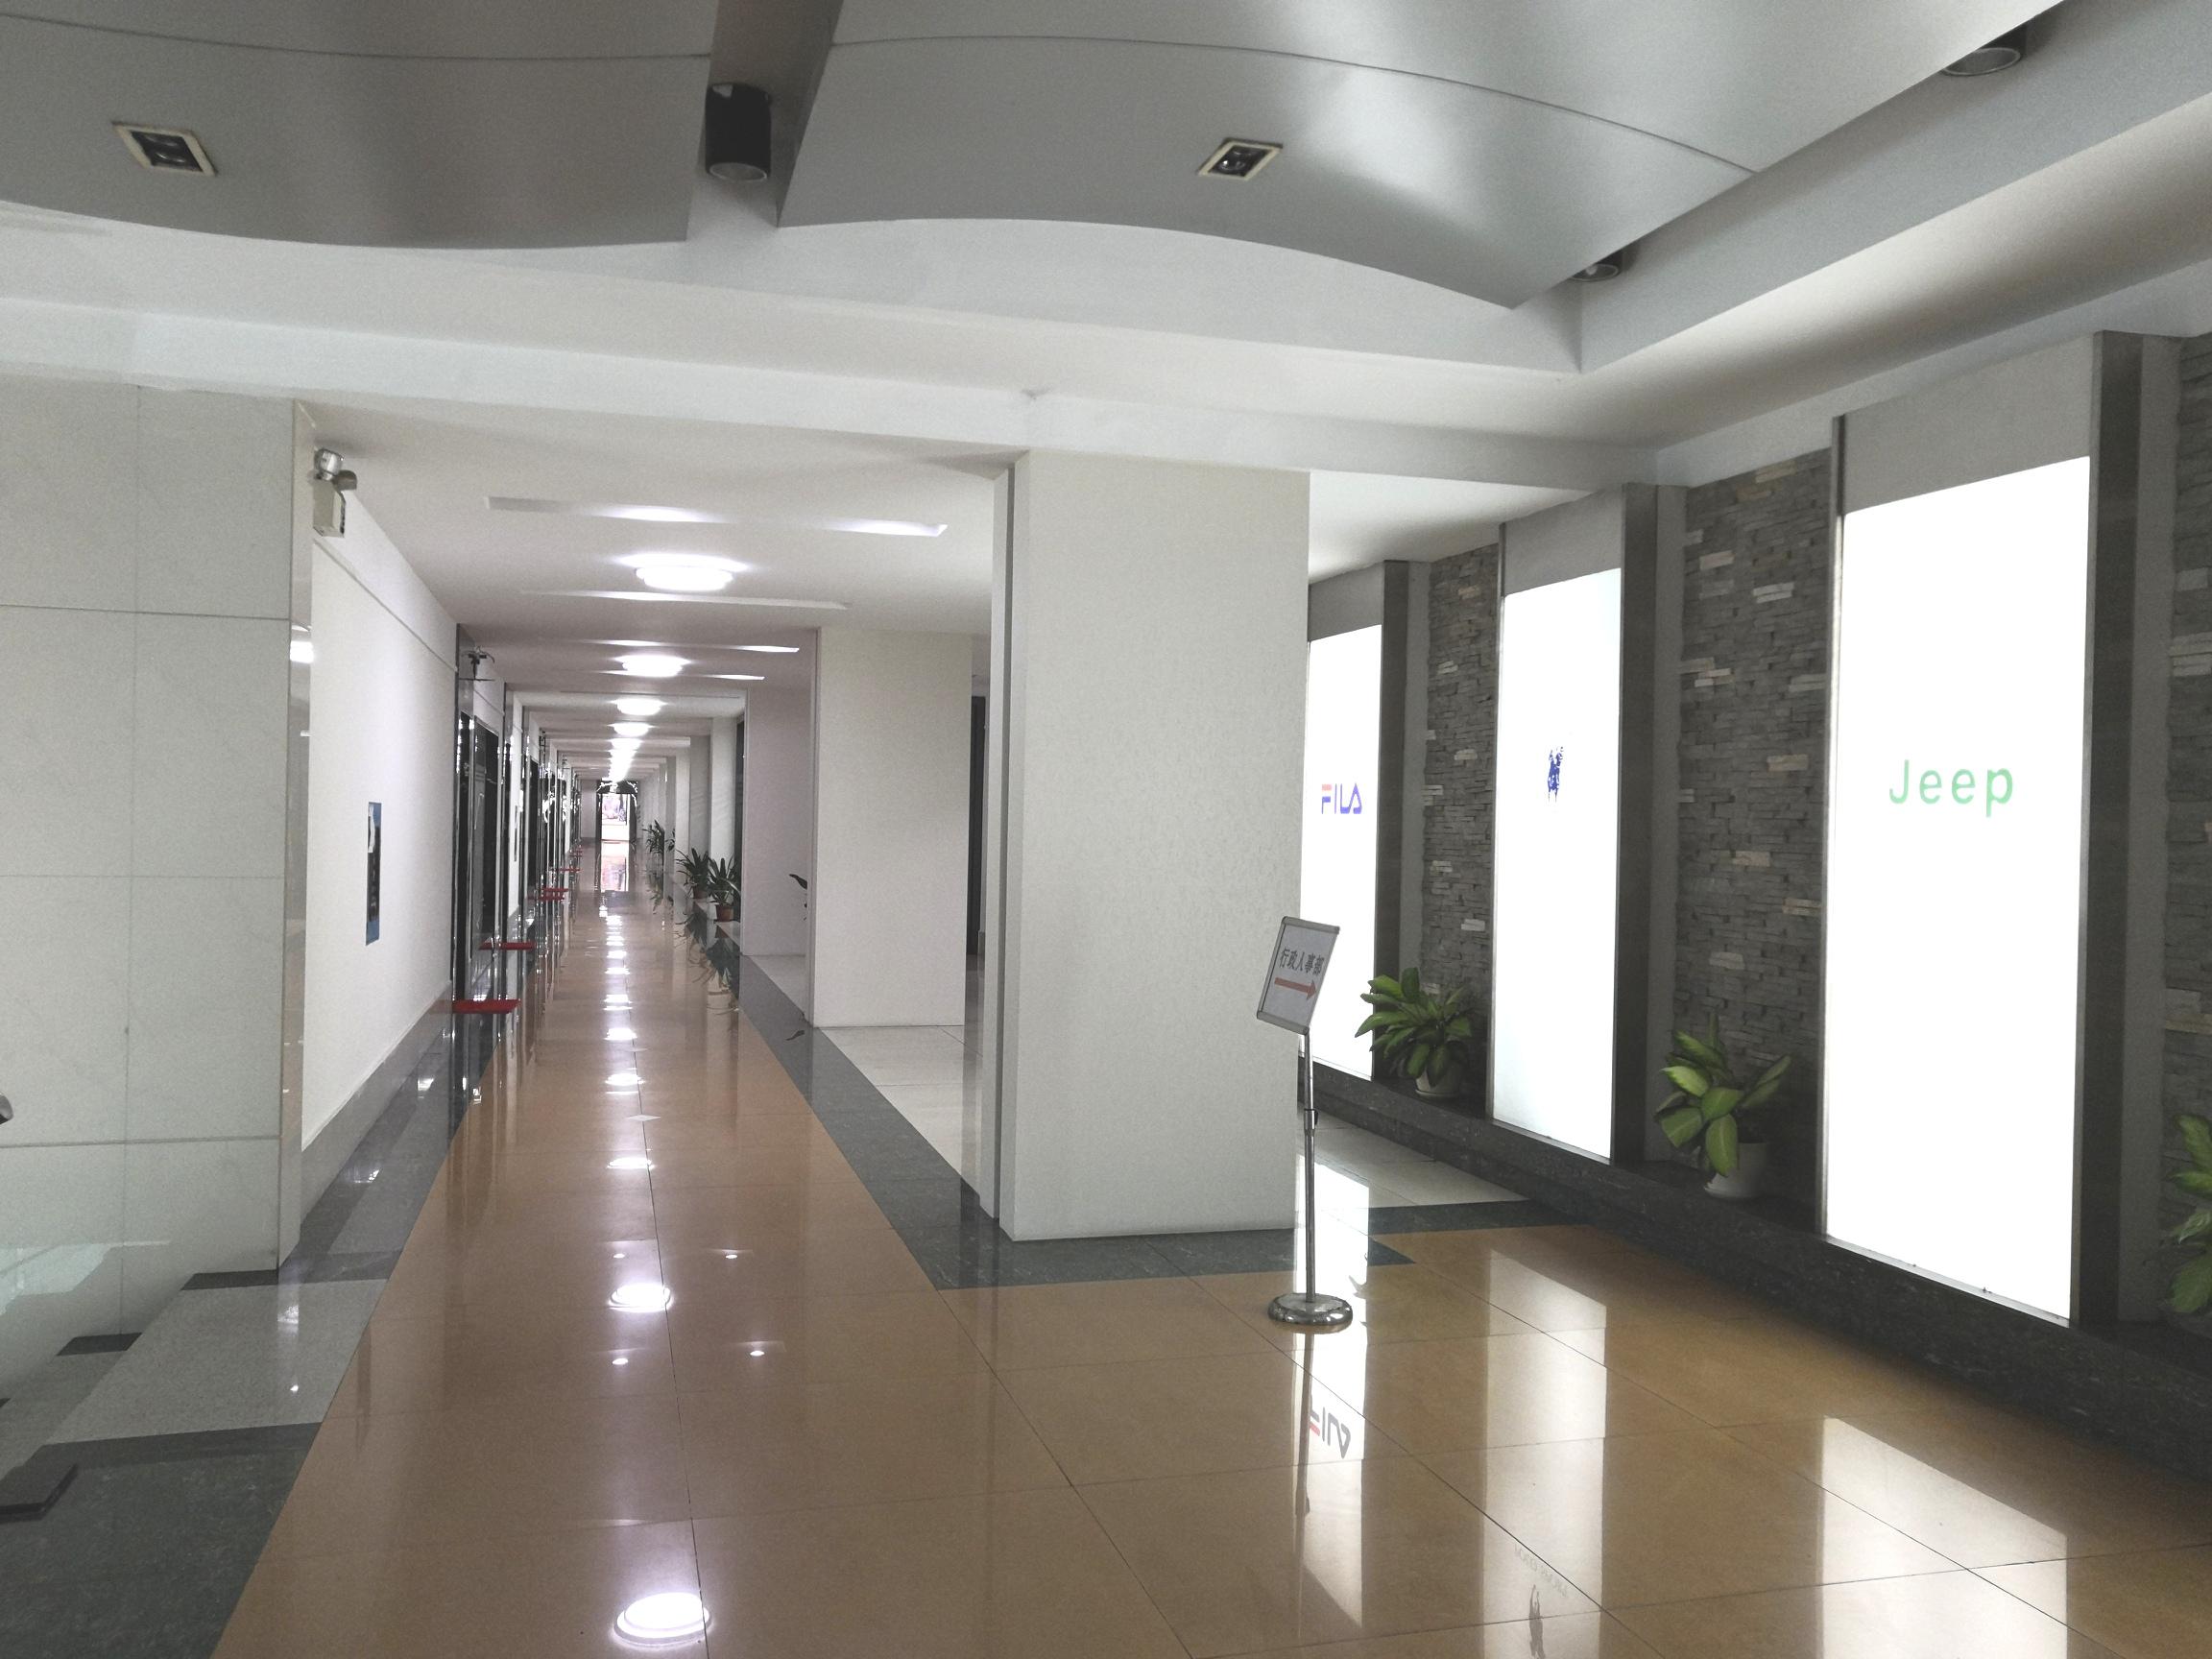 佛山市顺德区新飞腾纺织服装有限公司_才通国际人才网_job001.cn